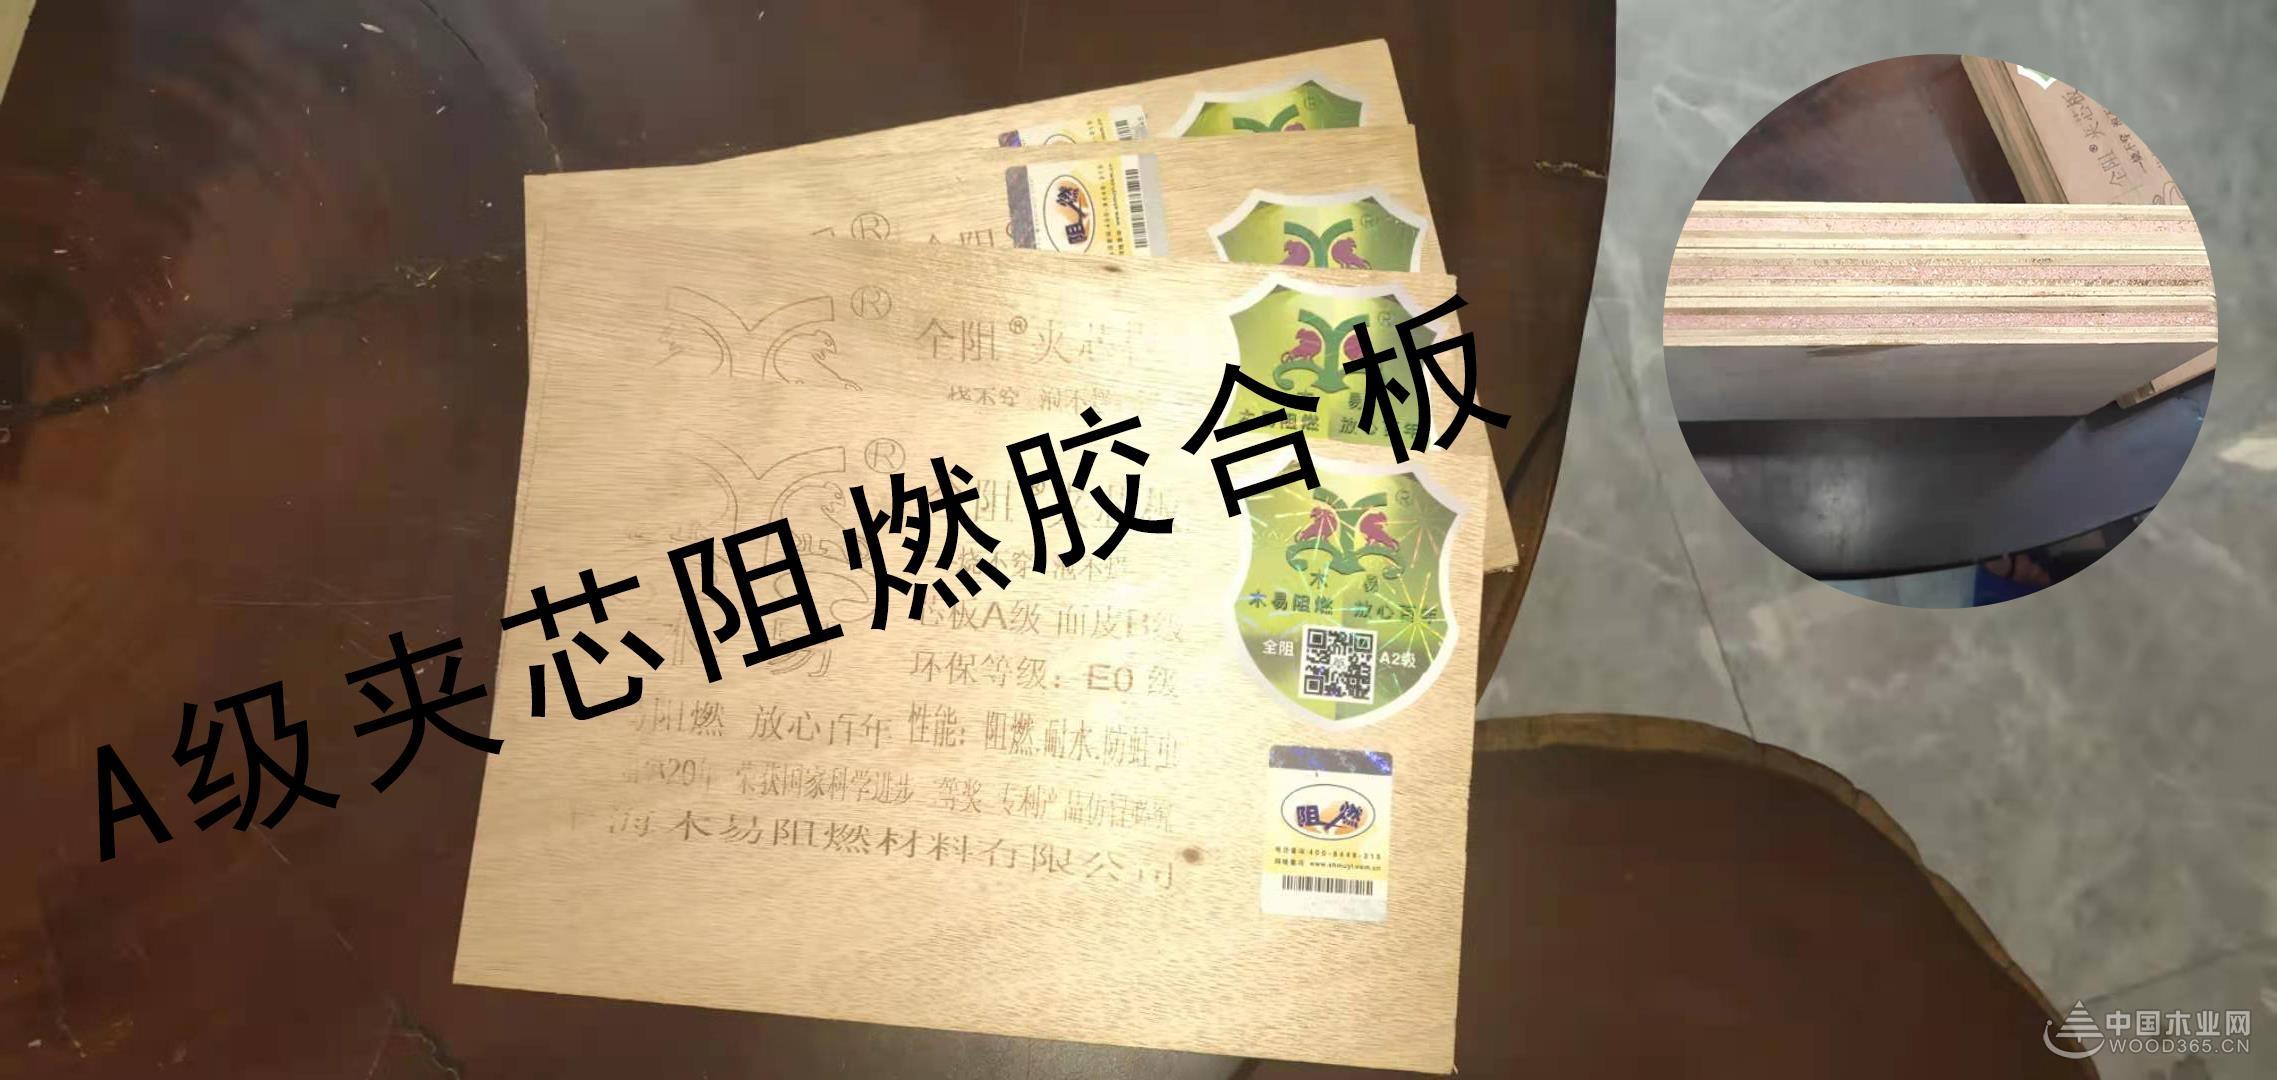 携手同行 木易阻燃板品牌与中国木业网达成战略合作